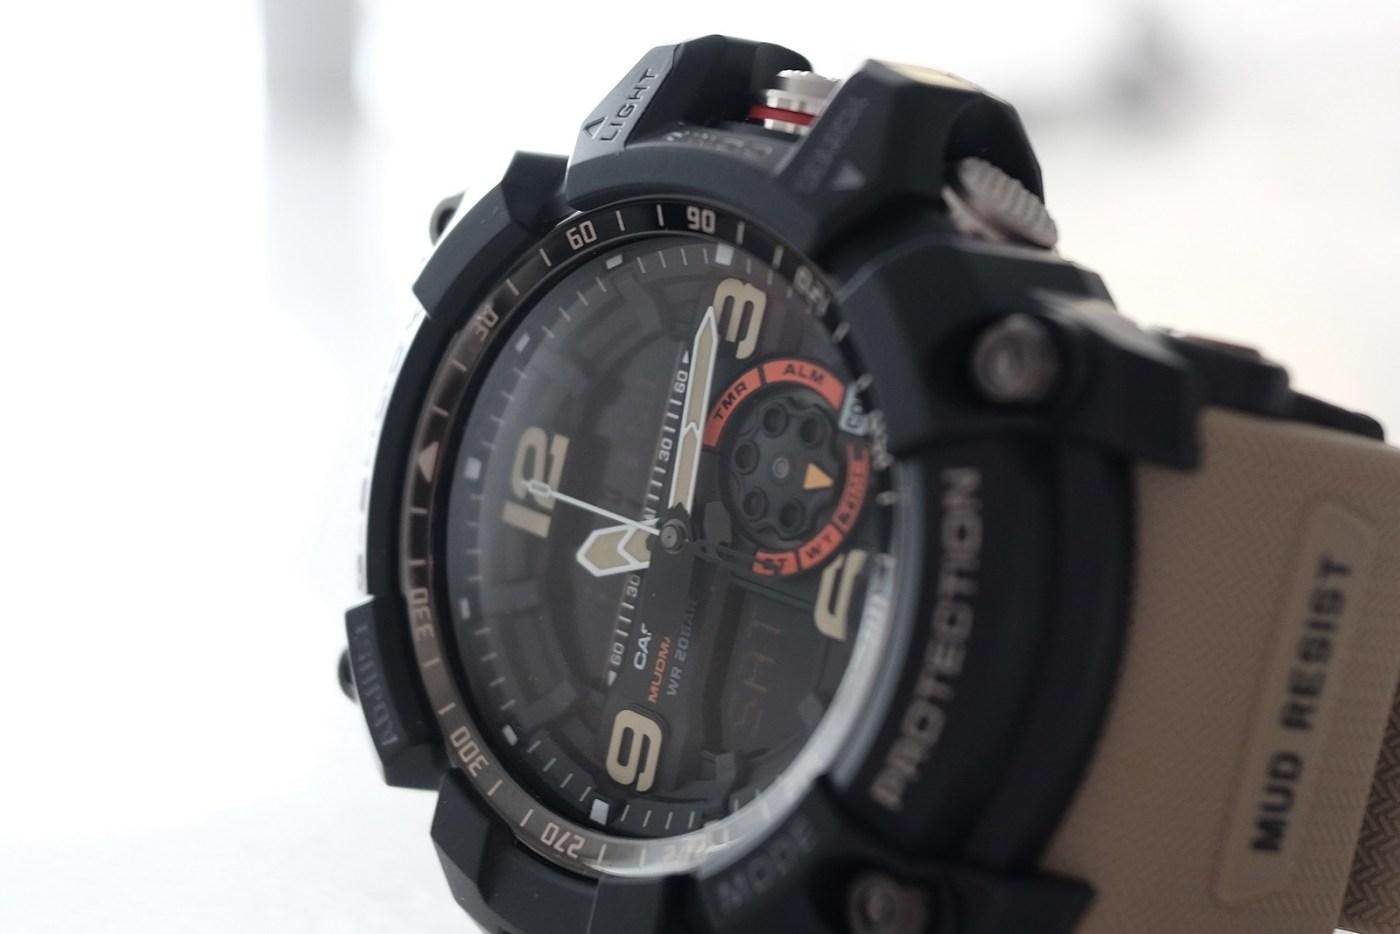 Casio G-Shock Mudmaster GG1000-Khaki